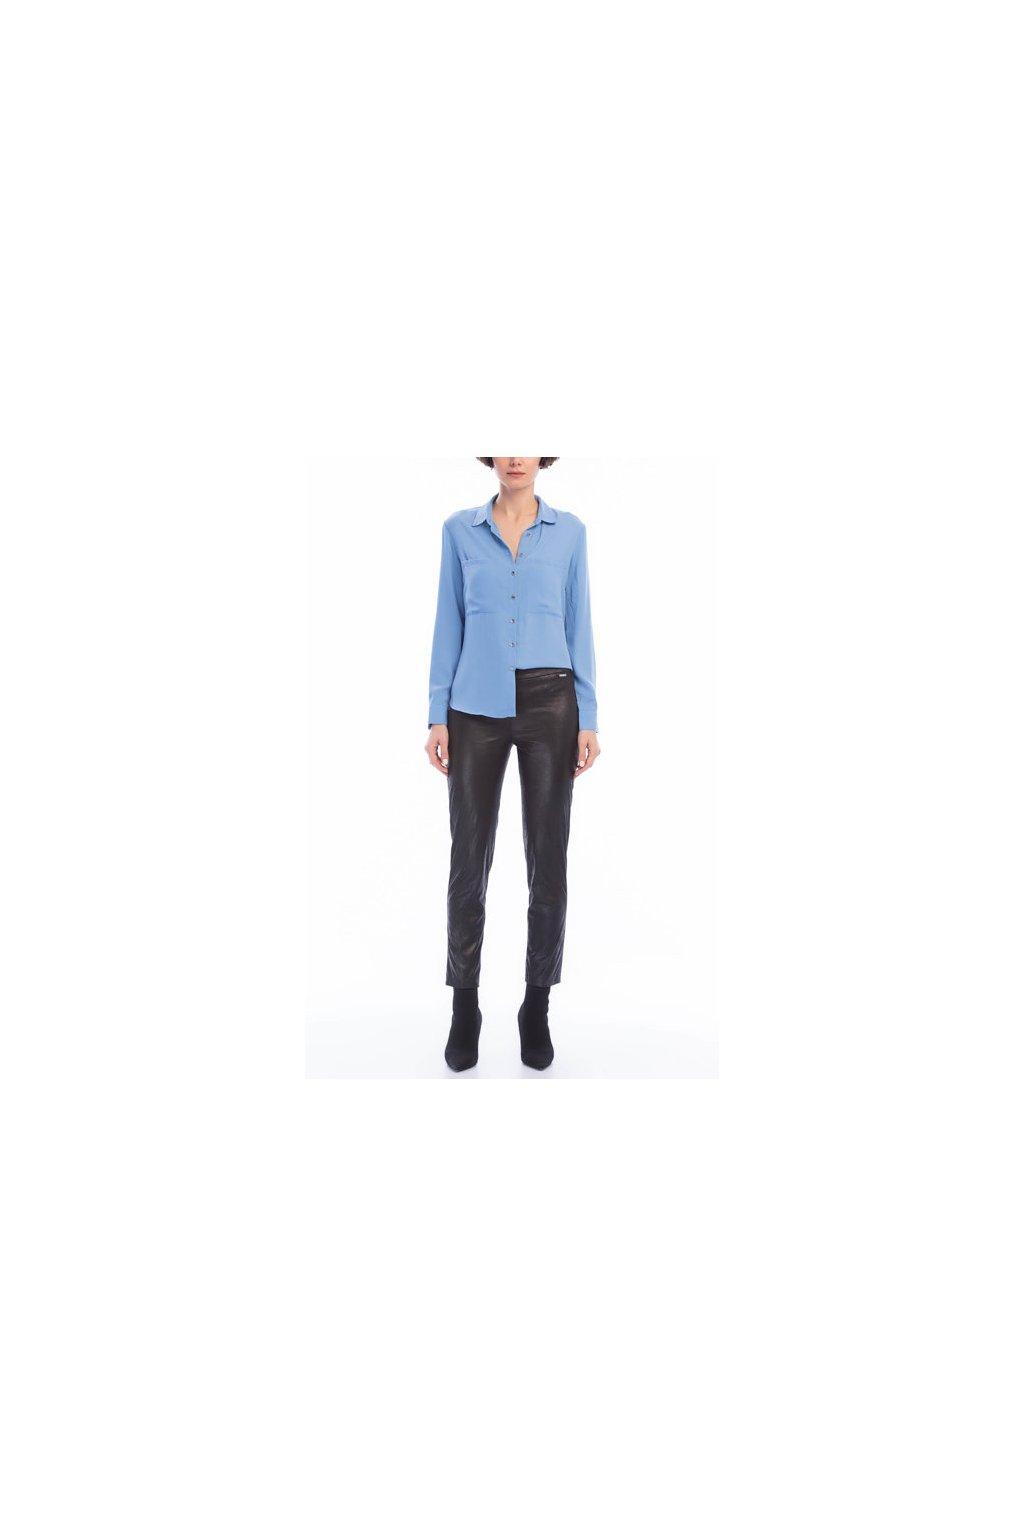 Dámské kalhoty W64B68K6790